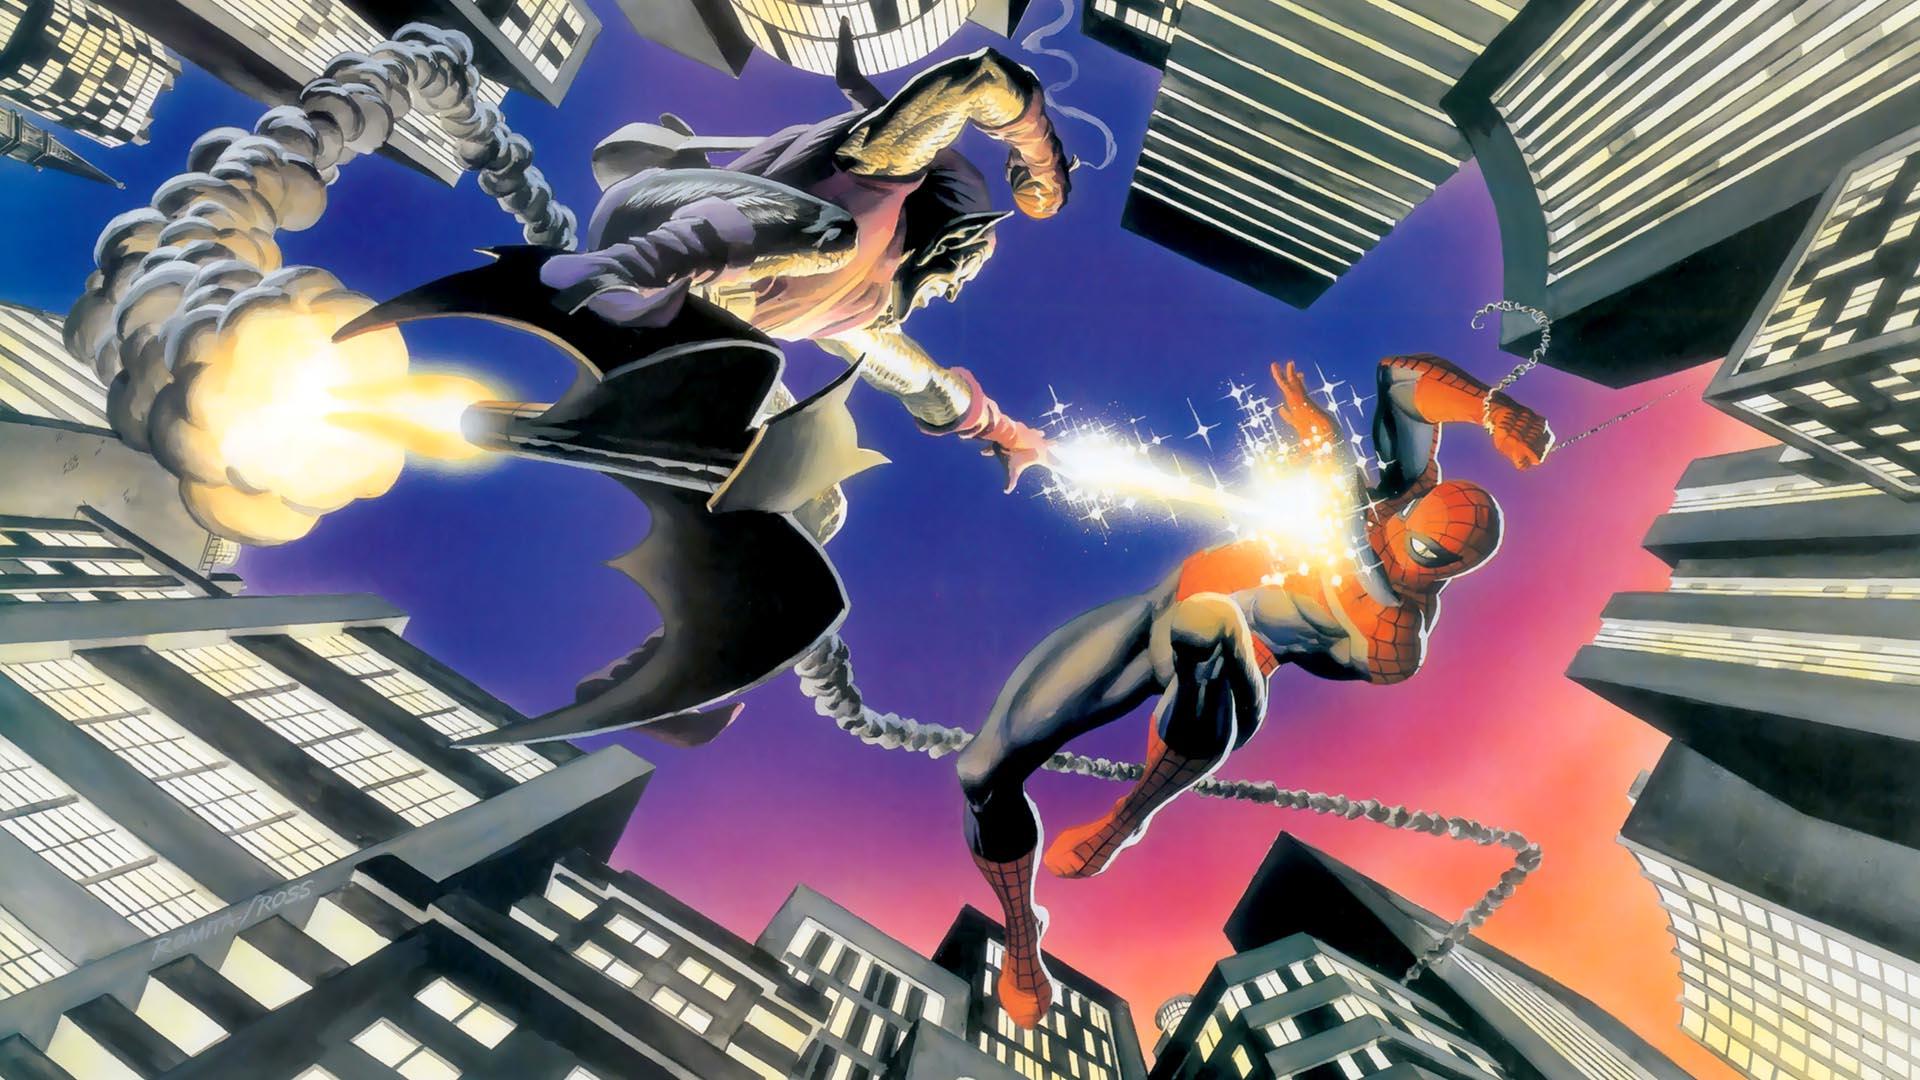 Spider-man-vs-Green-Goblin